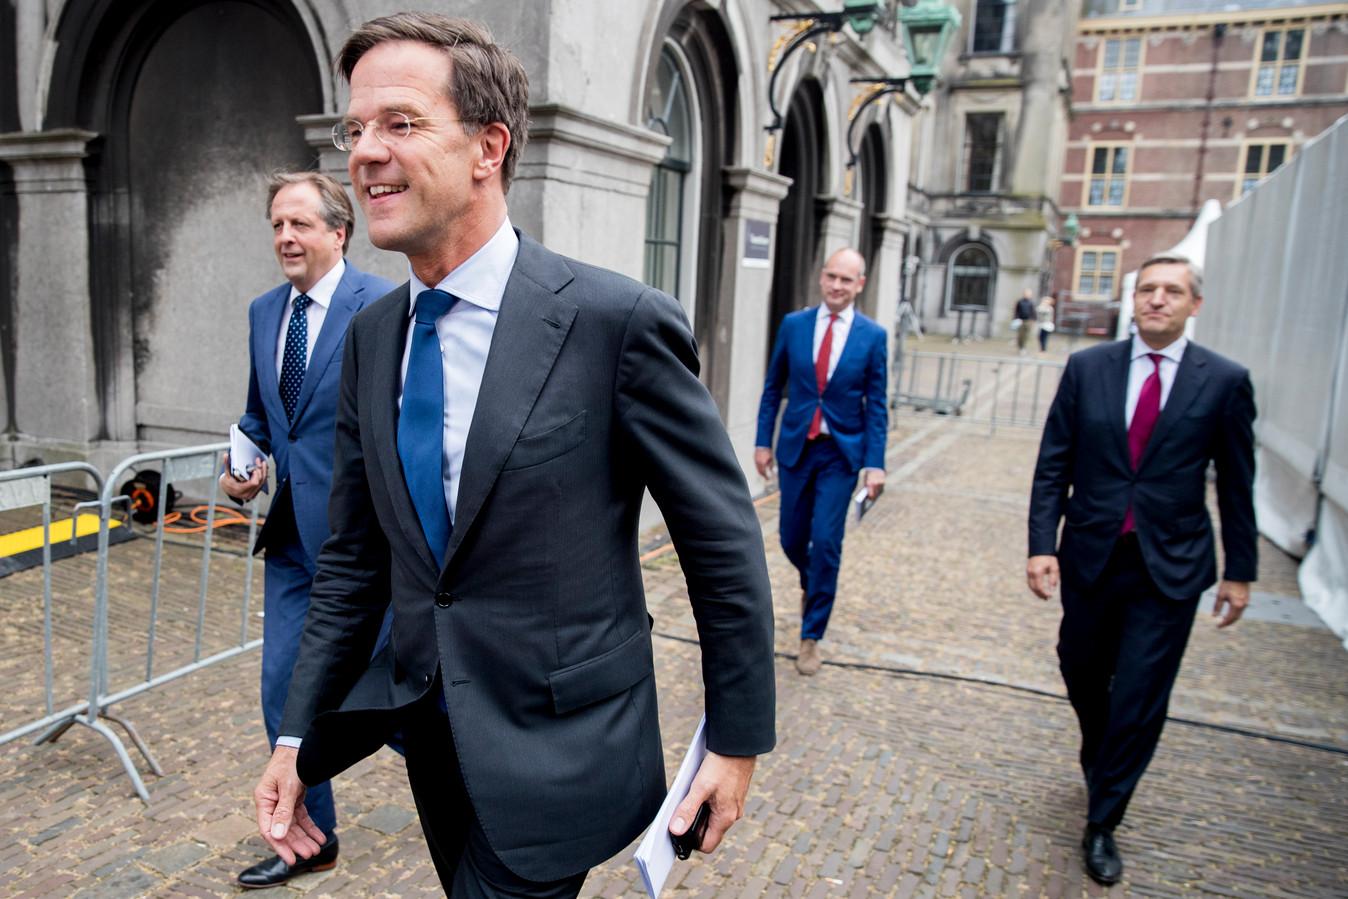 Mark Rutte (VVD, midden op foto), Sybrand van Haersma Buma (CDA, rechts), Alexander Pechtold (D66, links) en Gert-Jan Segers (CU) op het Binnenhof in Den Haag